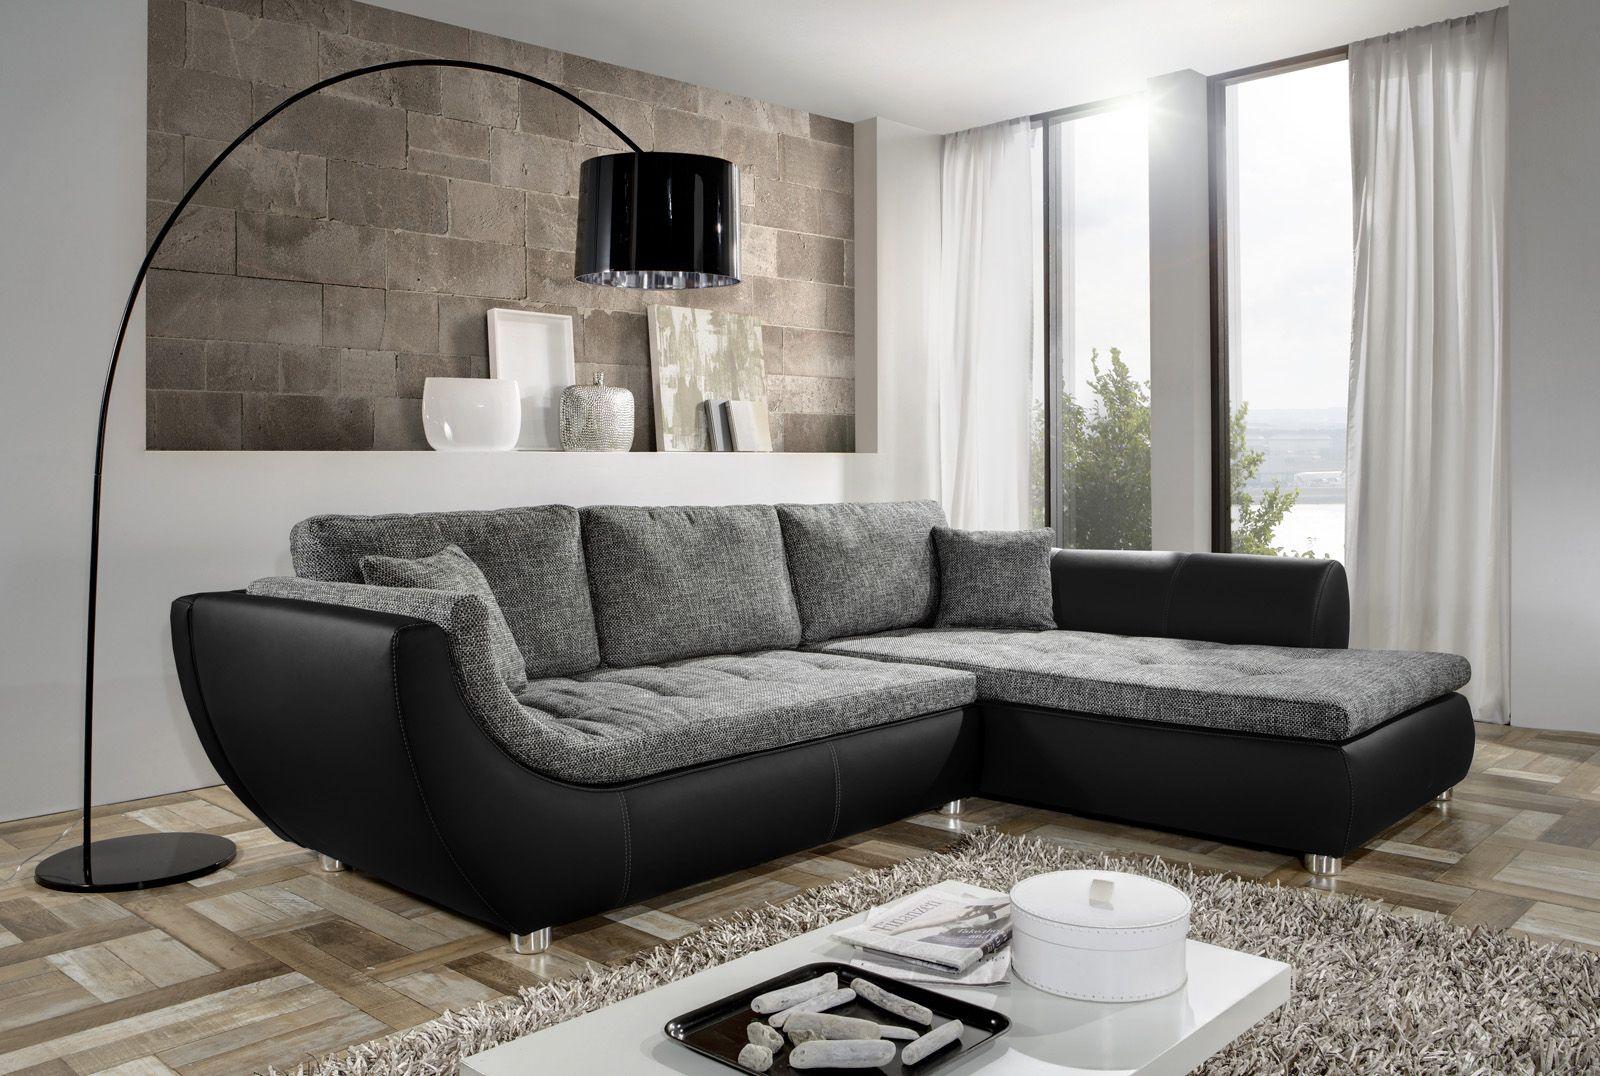 Avus salon weba meubelen gent en deinze oost for Wohnlandschaft taupe